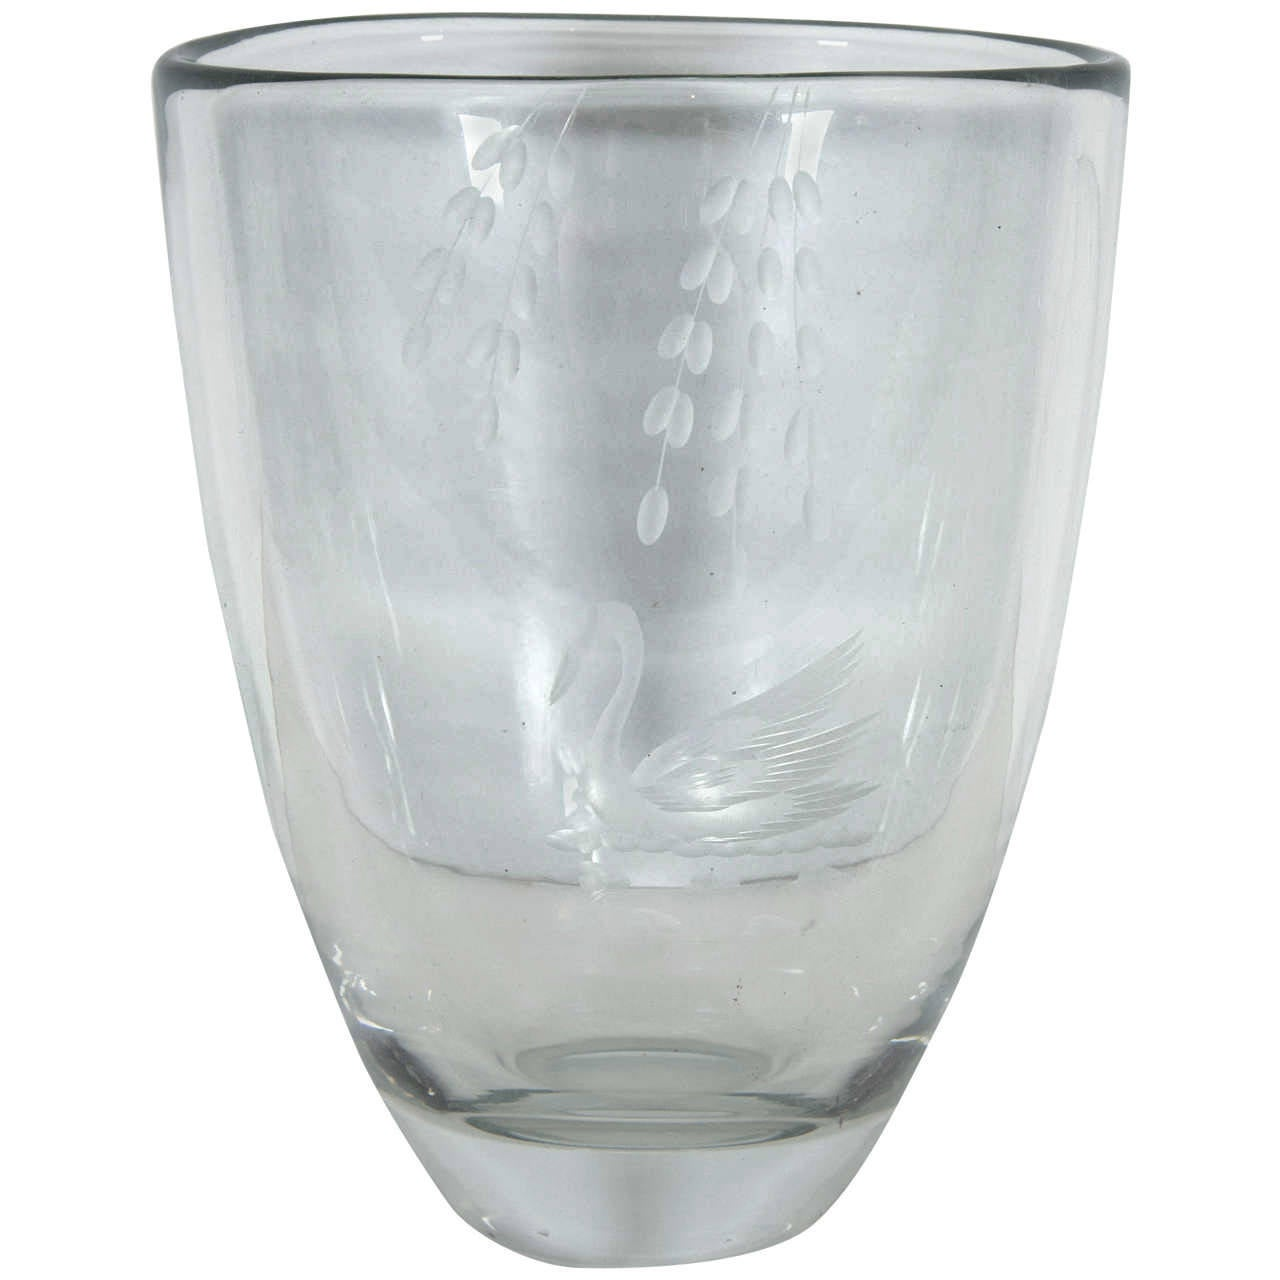 Leda and the swan mythology crystal vase for sale at 1stdibs leda and the swan mythology crystal vase 1 floridaeventfo Choice Image